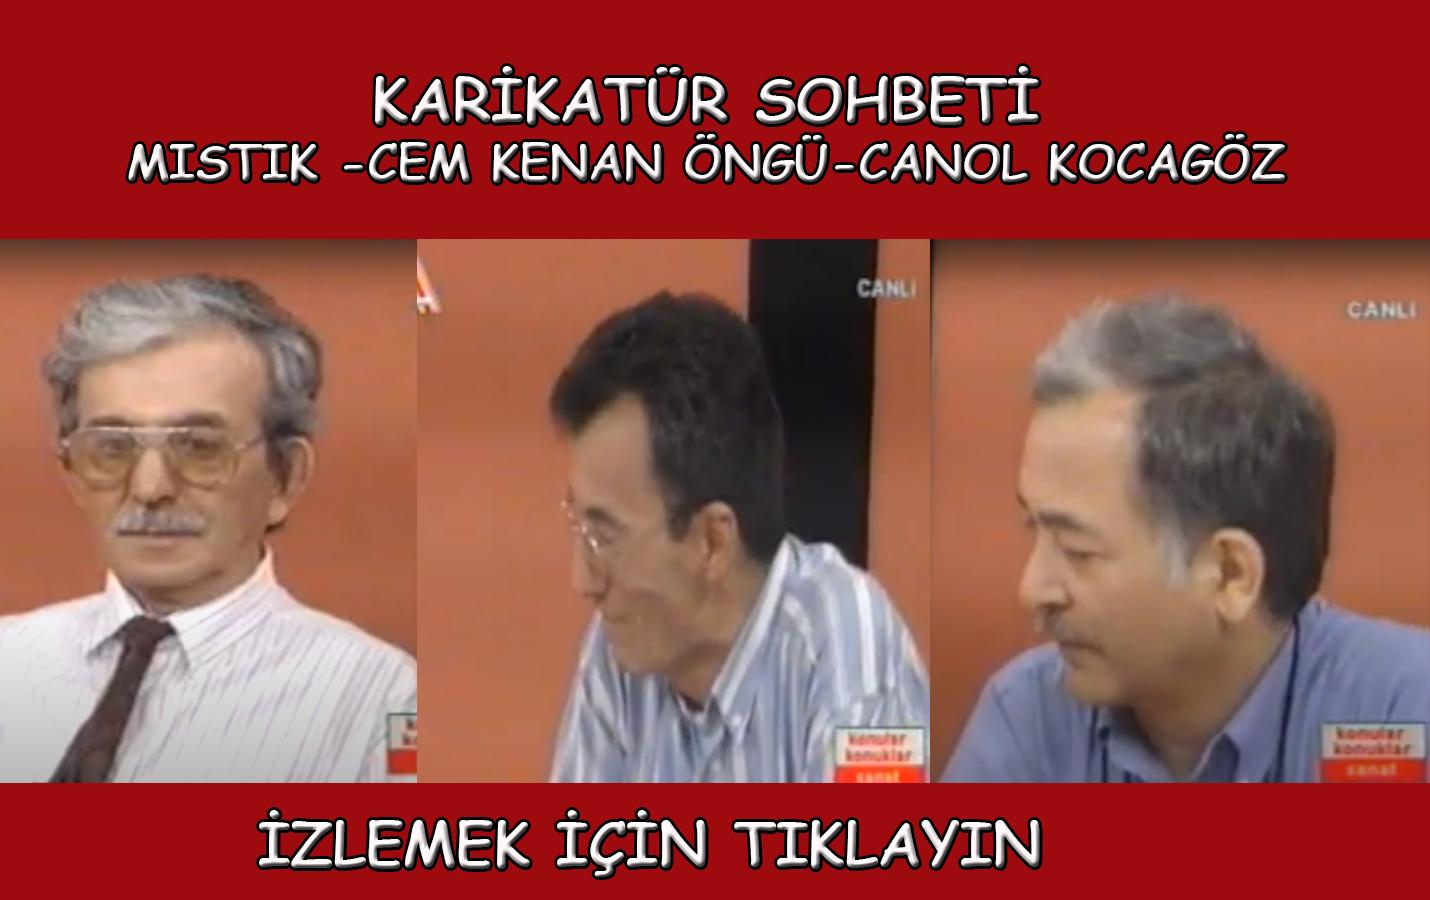 KARİKATÜR SOHBETİ